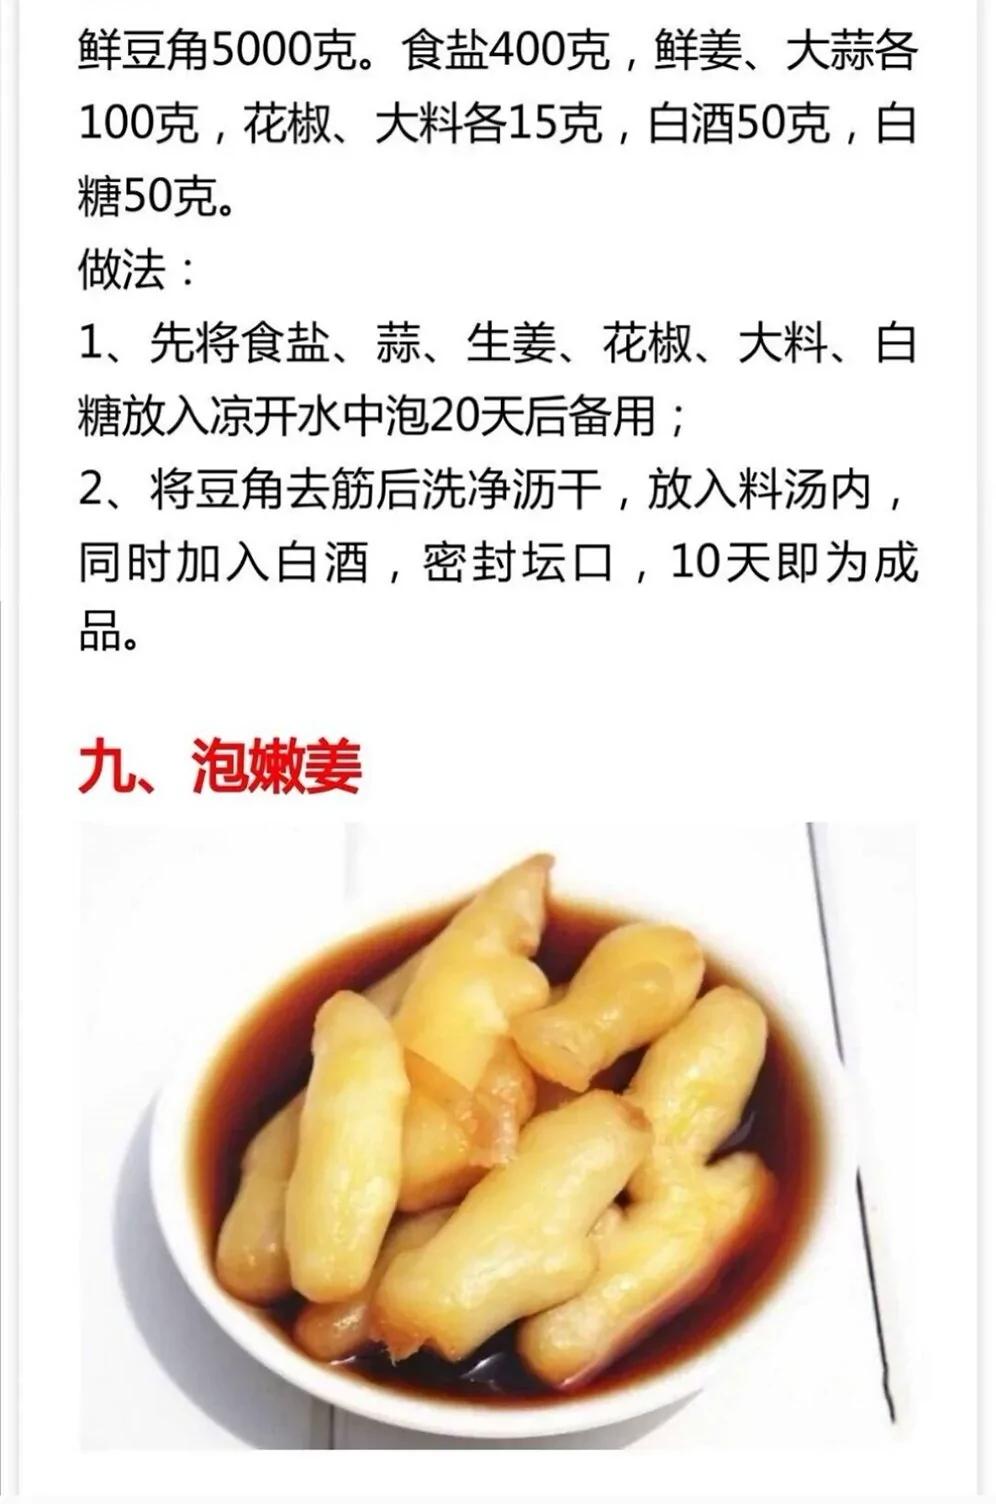 咸菜做法及配料 美食做法 第16张